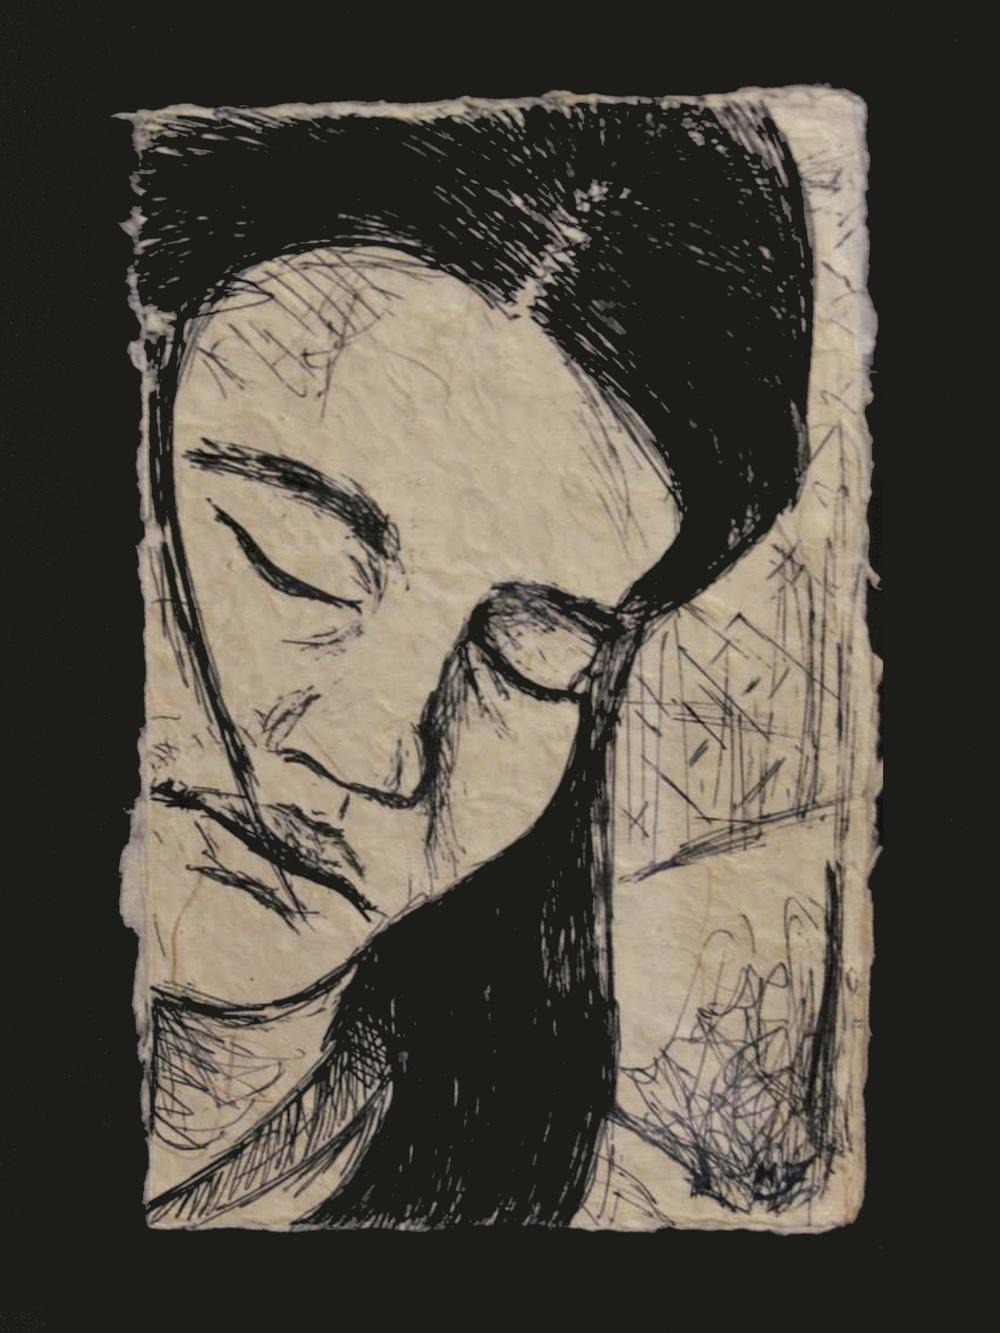 Face of Masseuse- Sunday, January 15, 2012